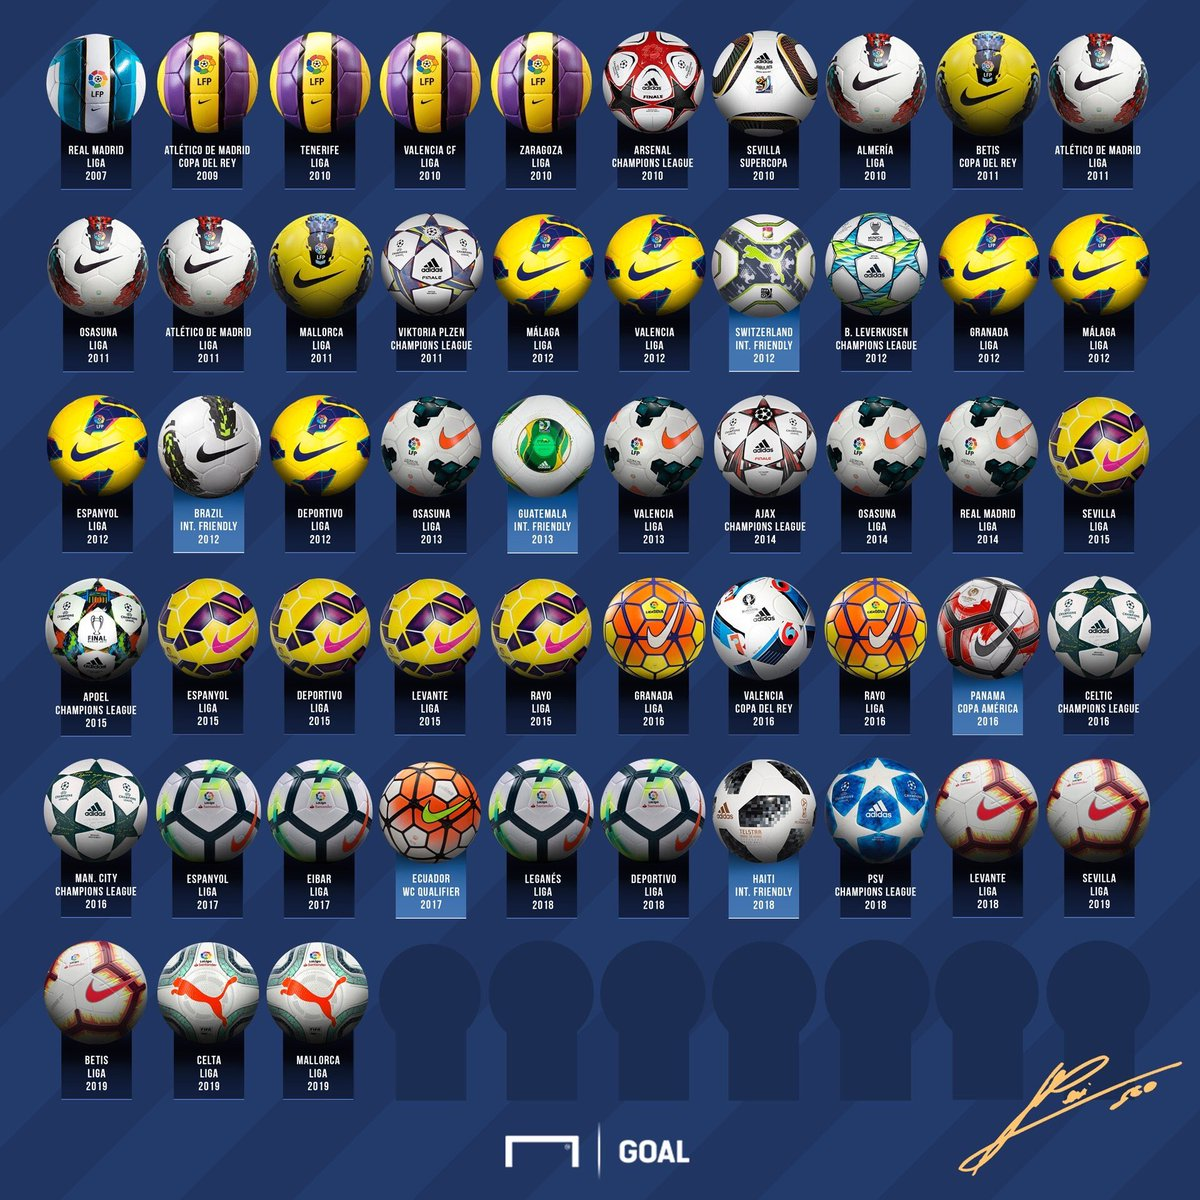 RT @Don_Iniestazo: Las 53 maravillas de Leo Messi. El mejor de todos los tiempos 🐐👑 https://t.co/FdWPzCqMM7